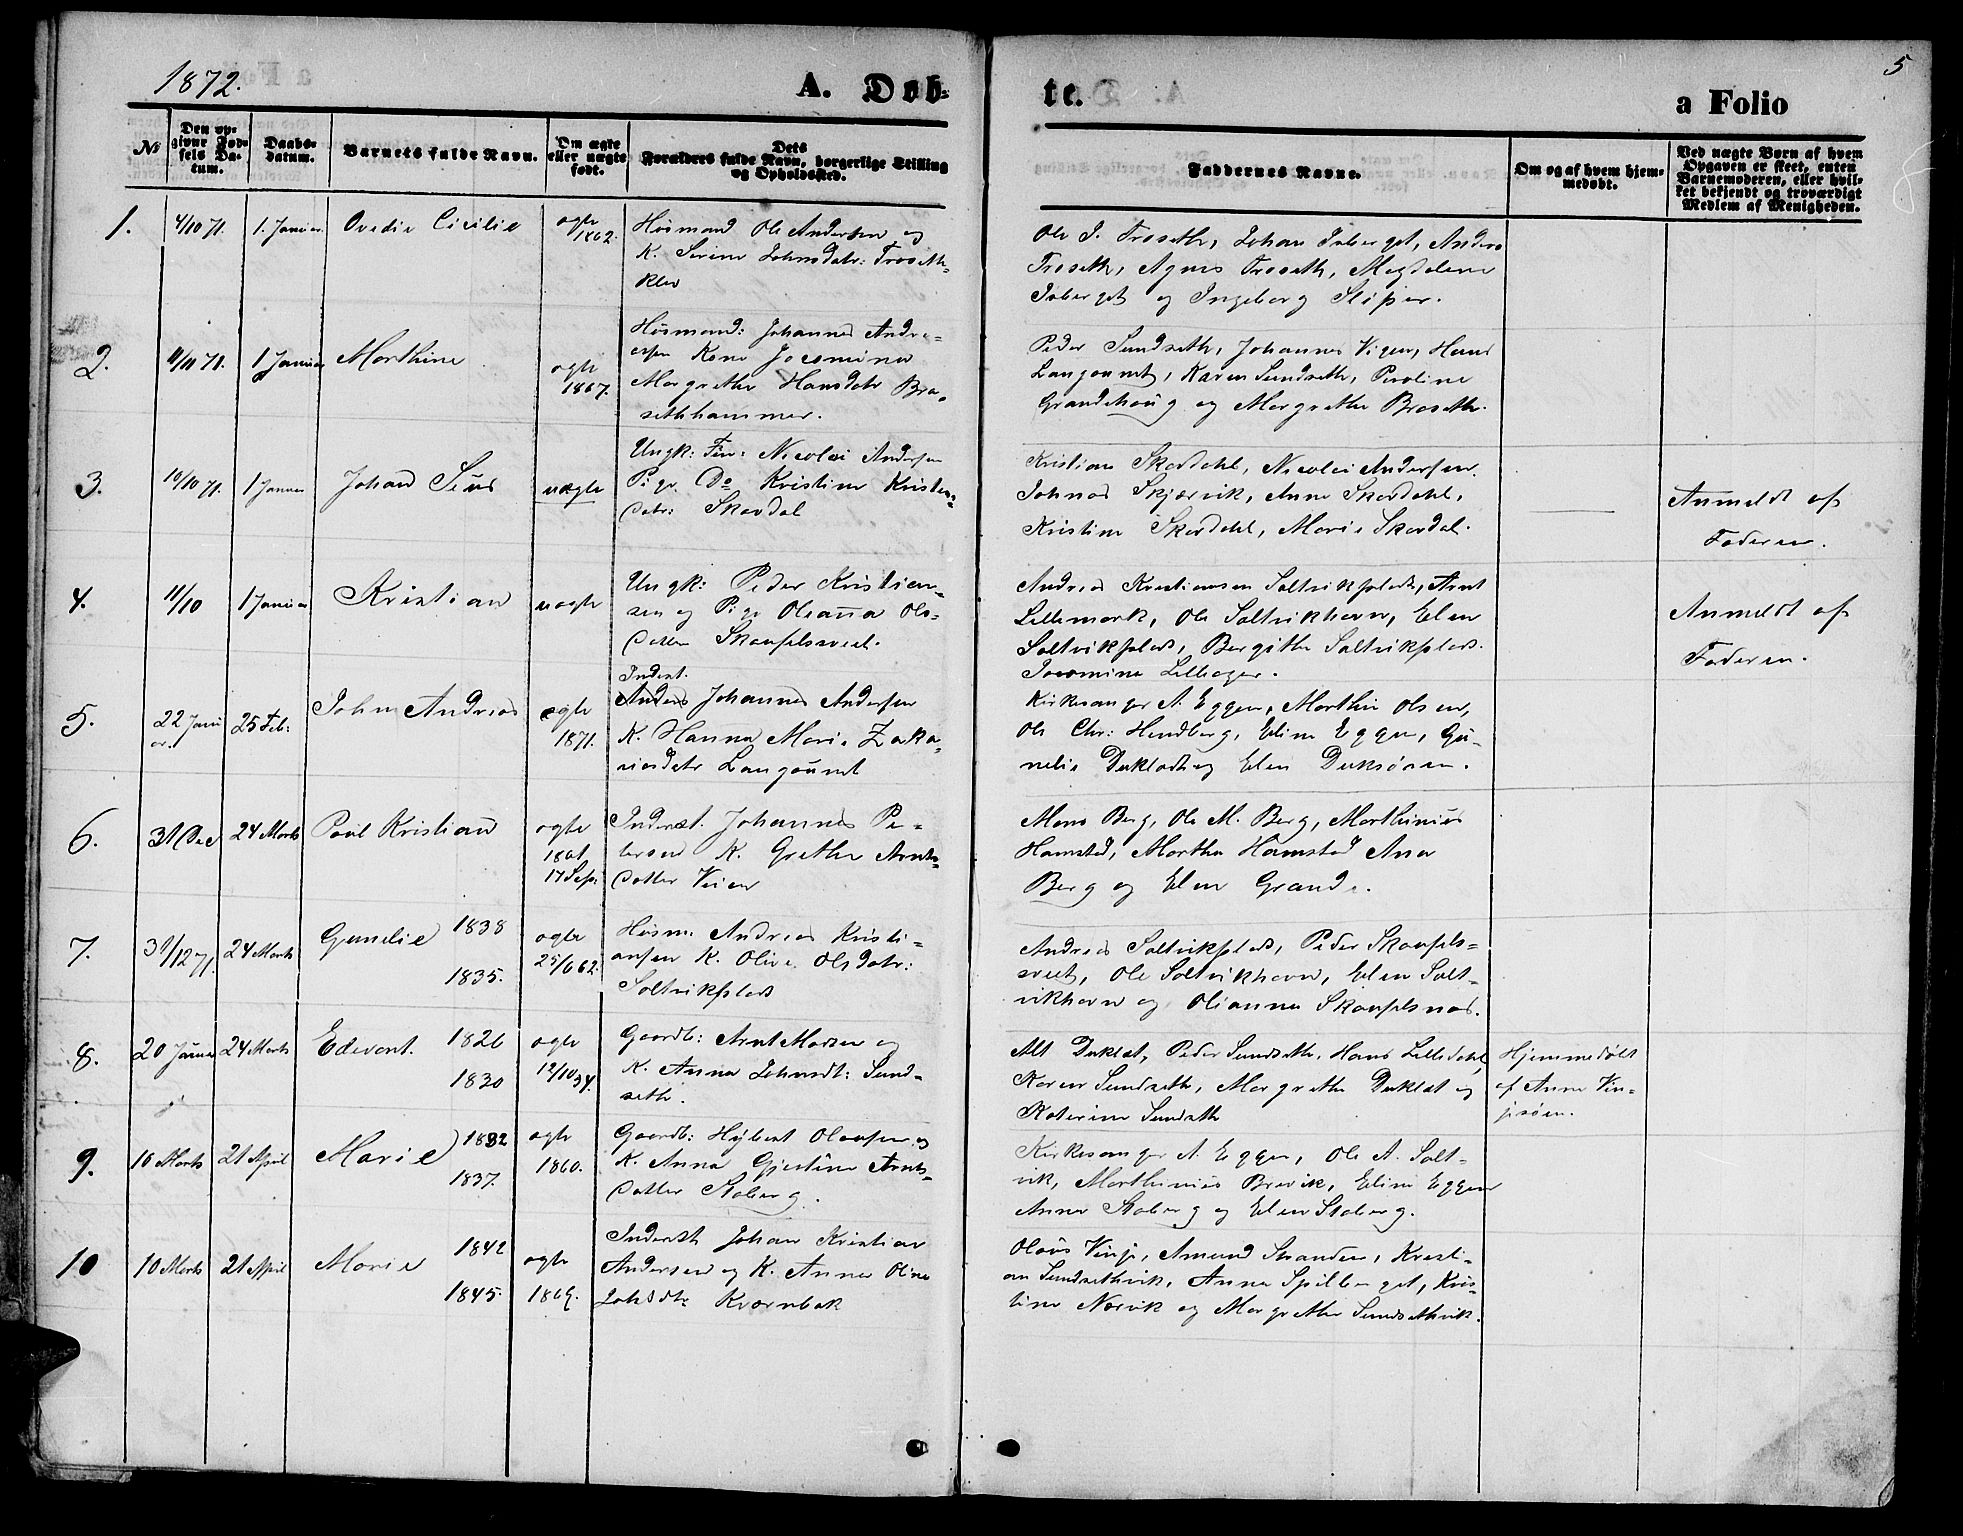 SAT, Ministerialprotokoller, klokkerbøker og fødselsregistre - Nord-Trøndelag, 733/L0326: Klokkerbok nr. 733C01, 1871-1887, s. 5